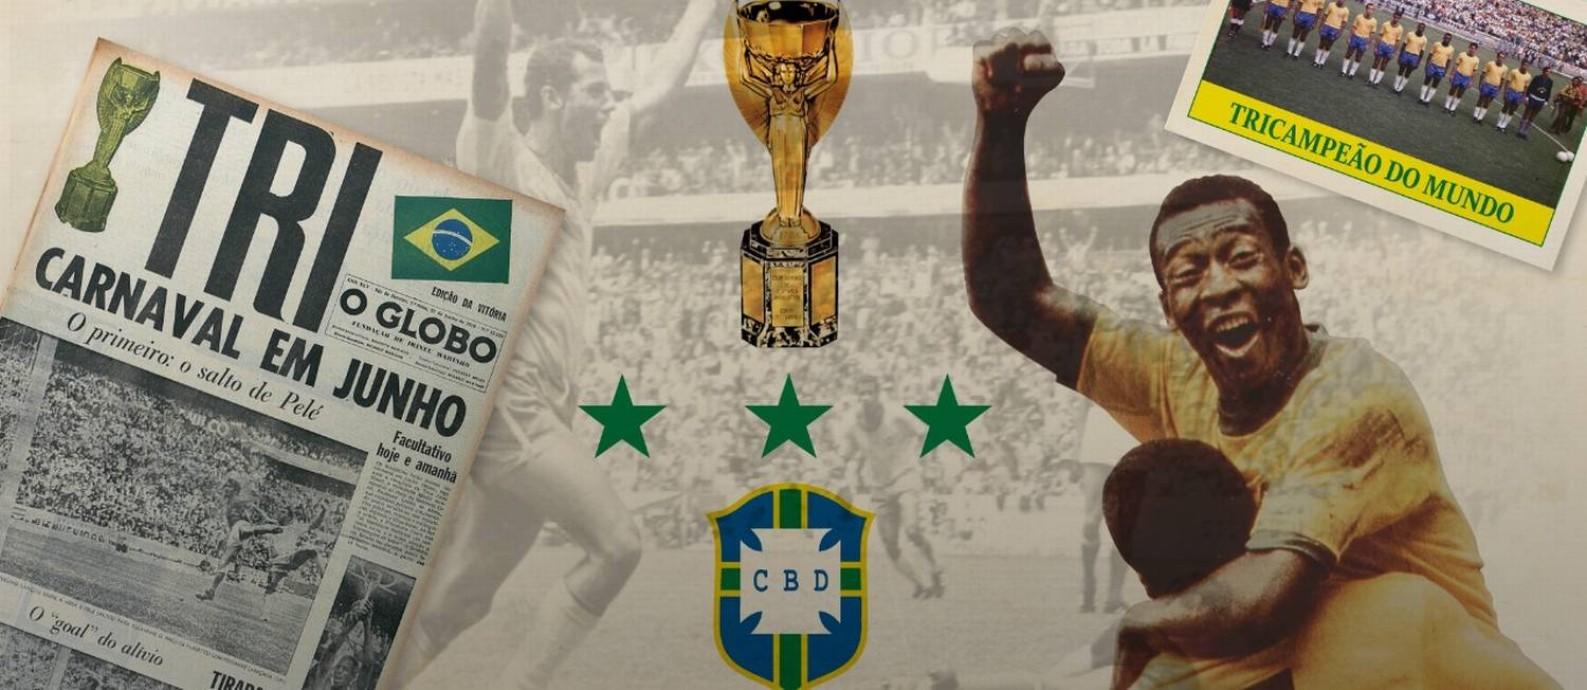 Brasil tricampeão mundial em 1970 Foto: Arte O Globo